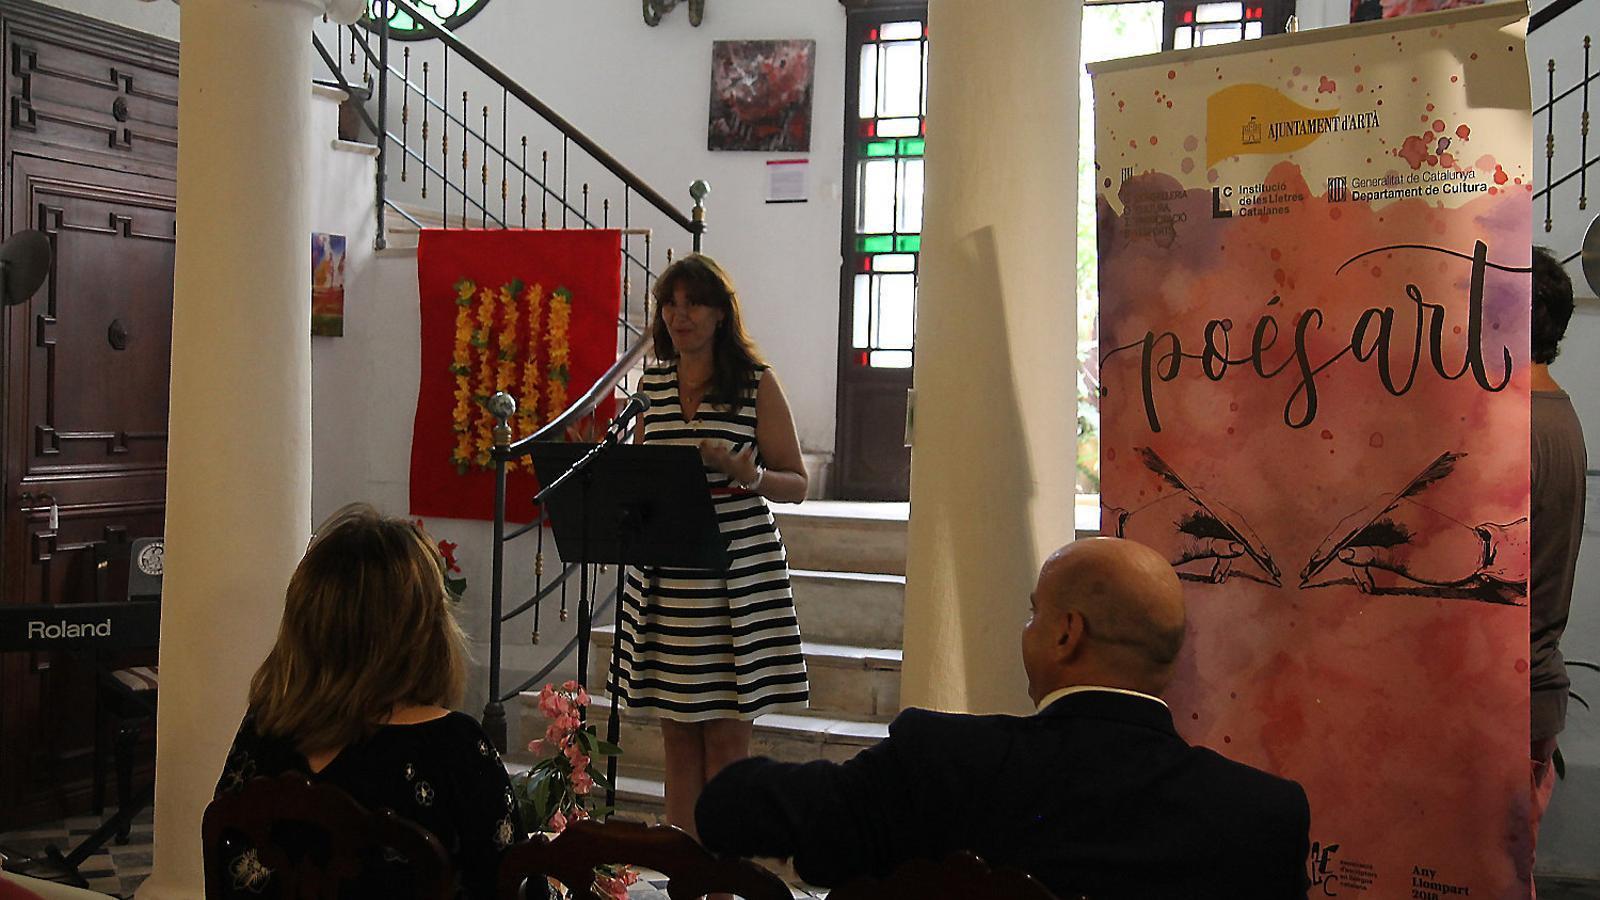 Un dels moments de la inauguració del PoésArt, que enguany arriba a la sisena edició, la més internacional.